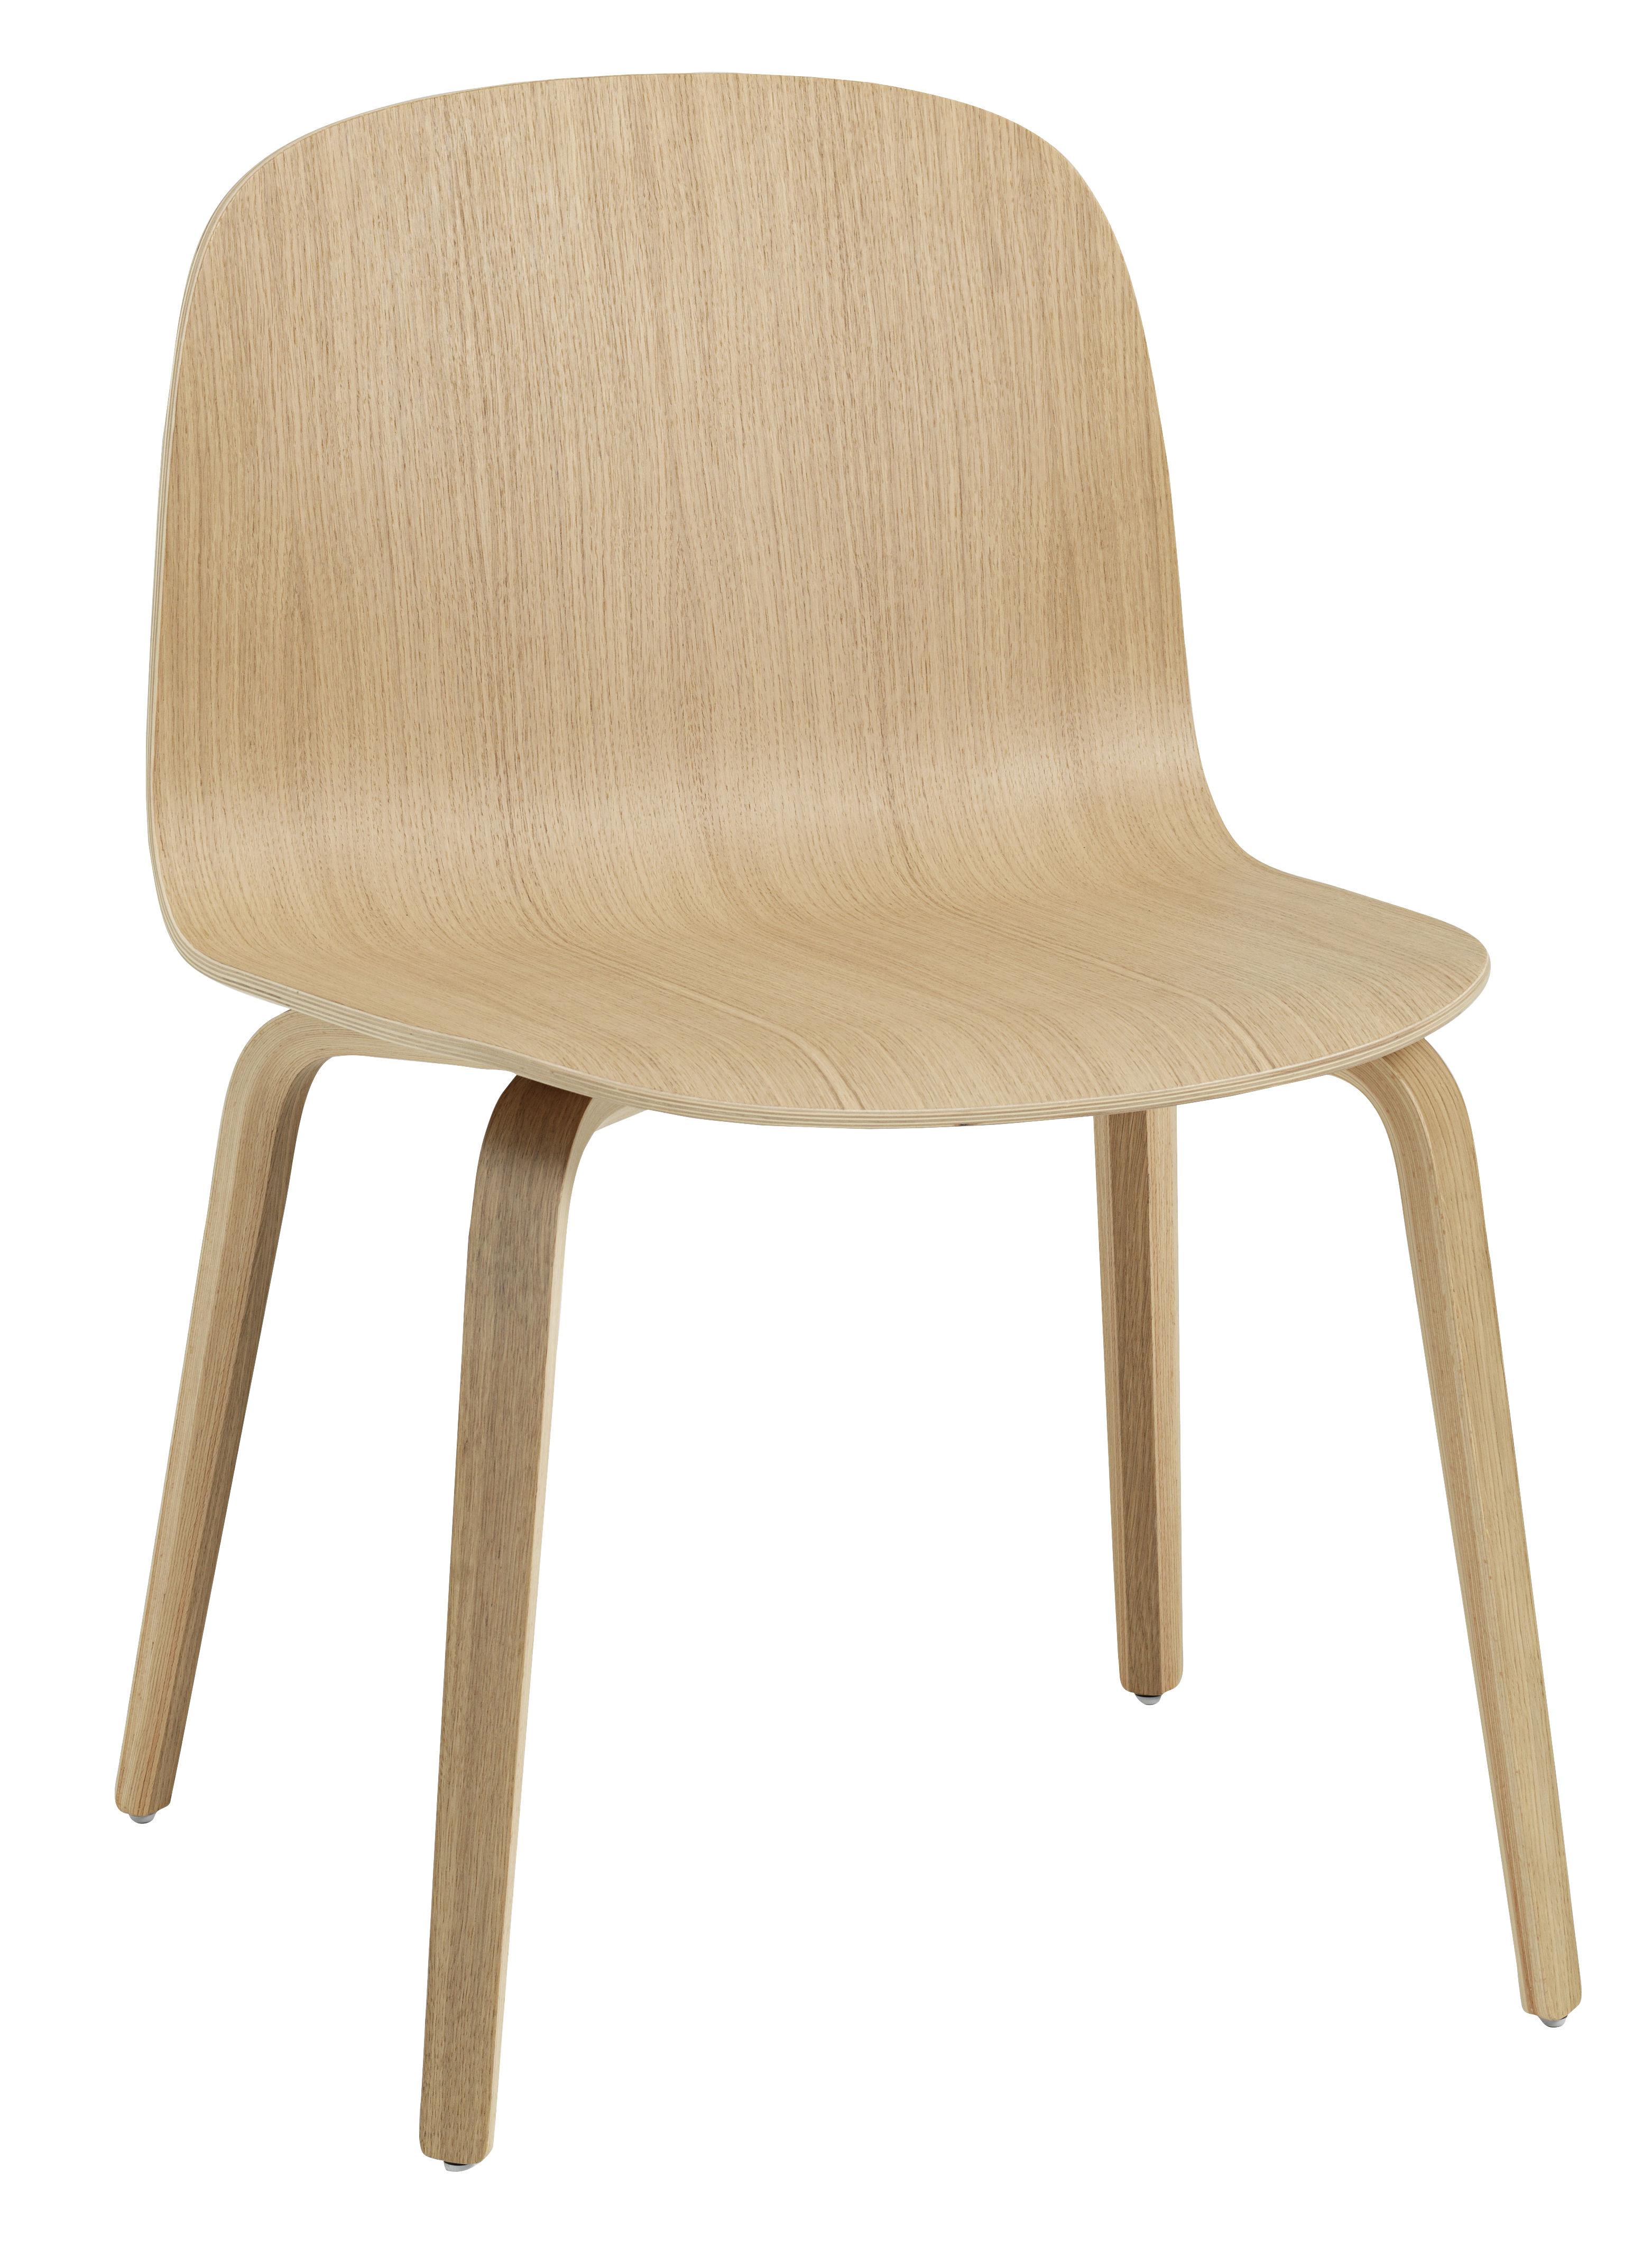 visu breit holz muuto stuhl. Black Bedroom Furniture Sets. Home Design Ideas